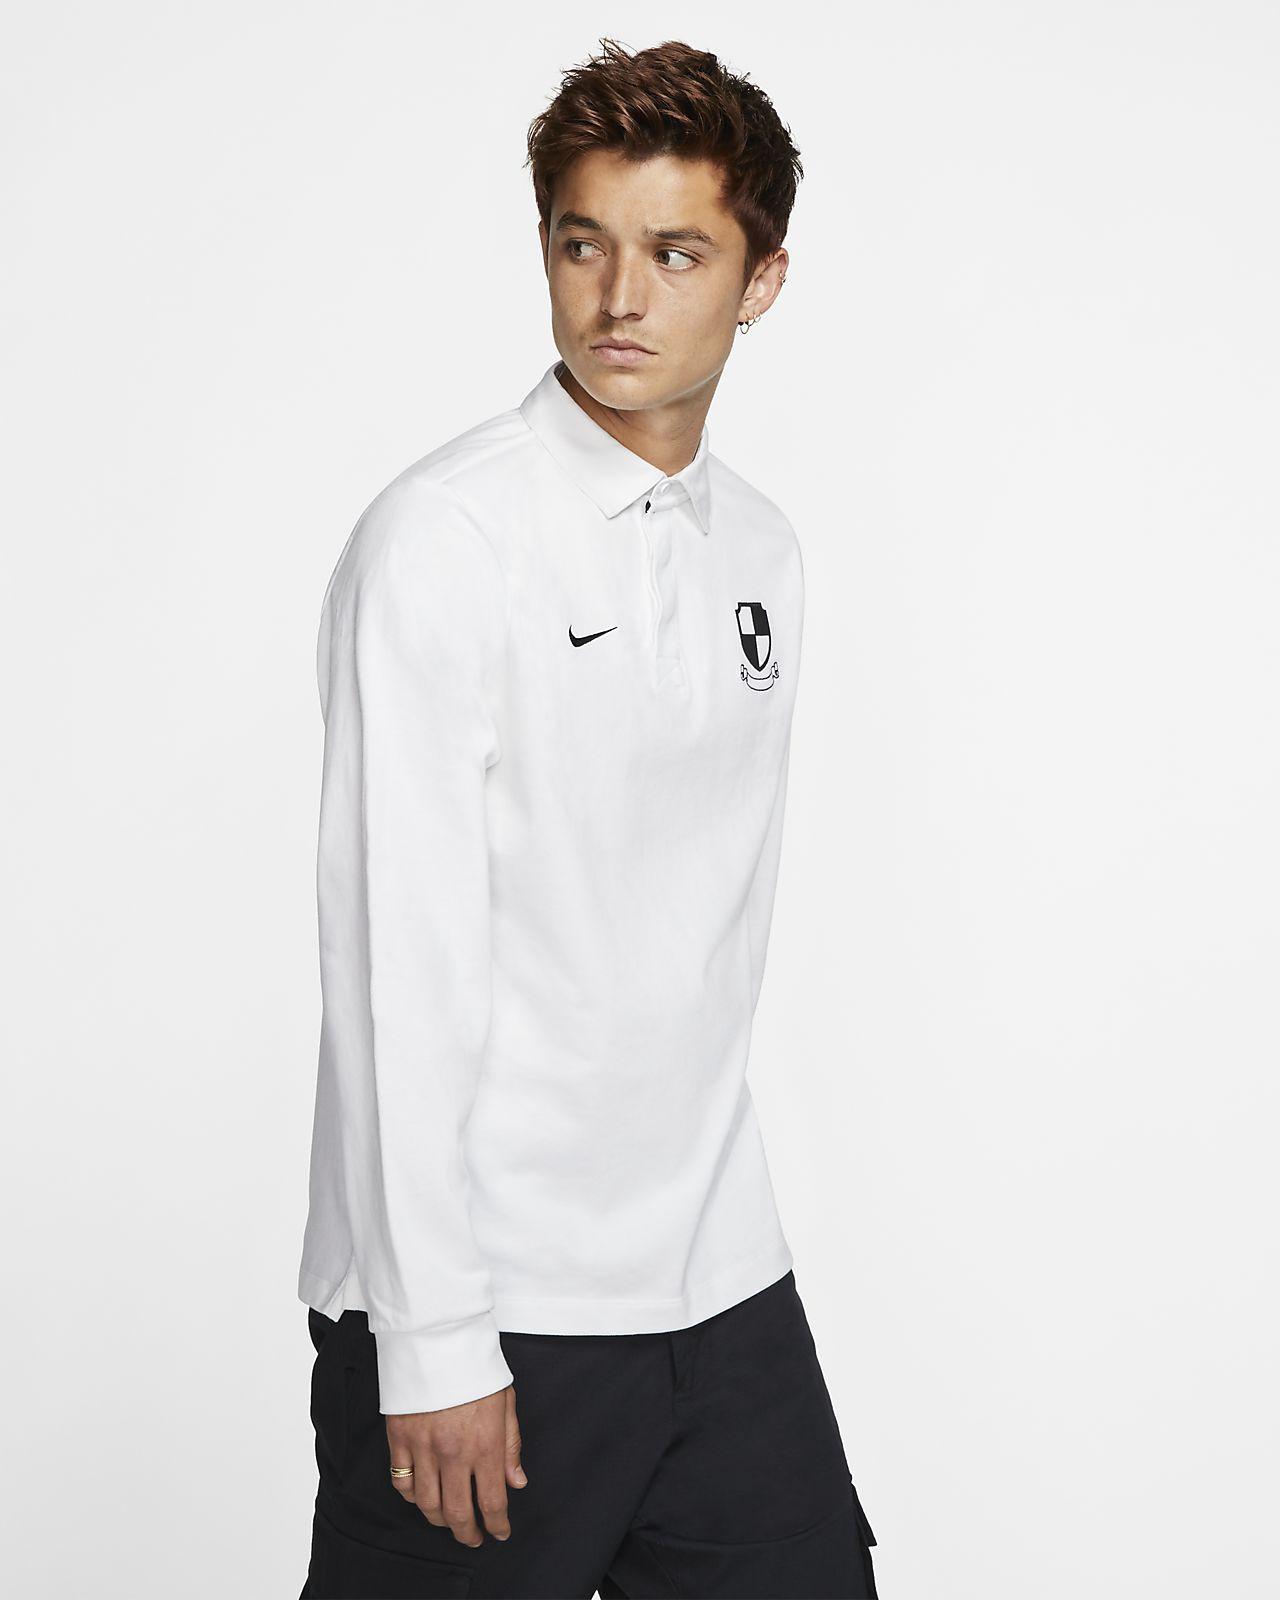 Skatetröja Nike SB för män